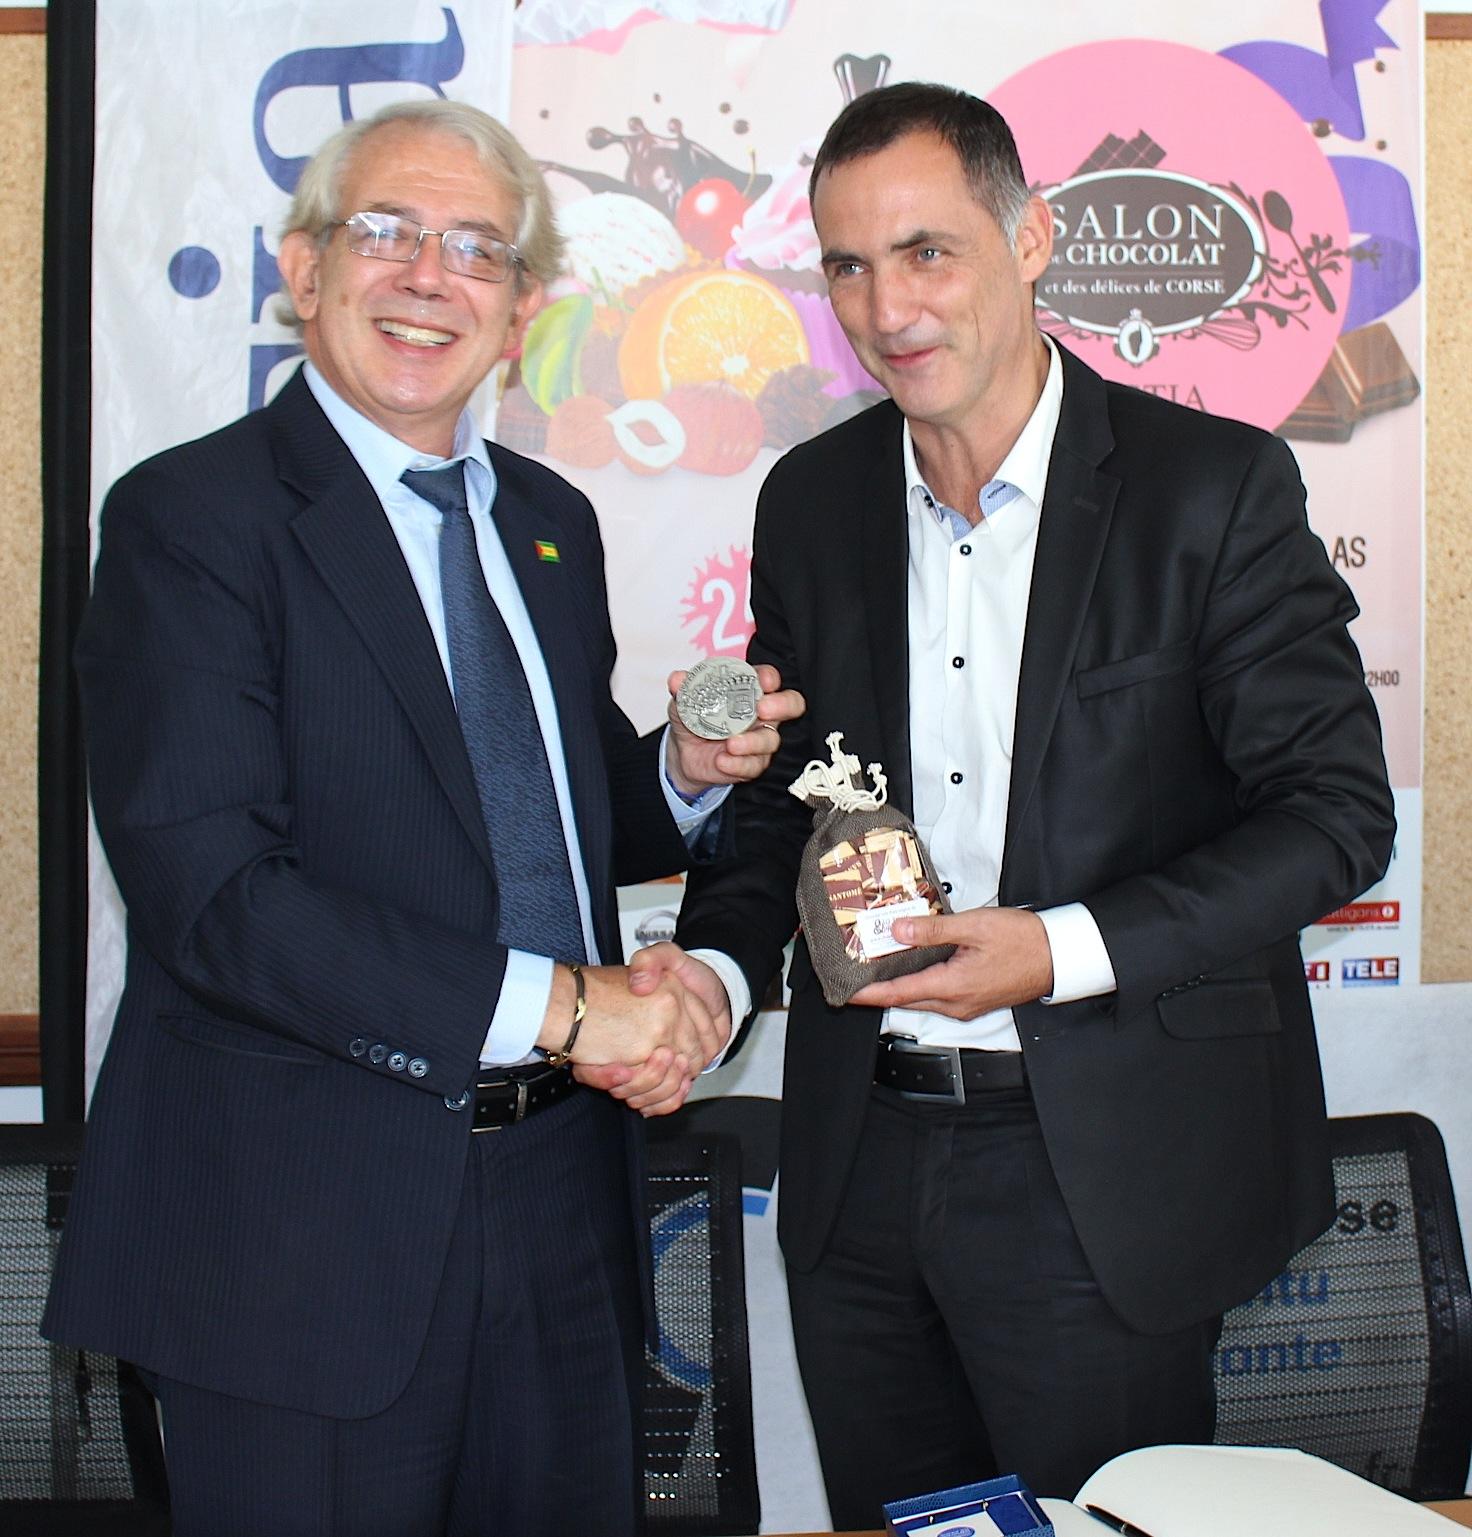 Du chocolat de Sao Tomé pour Gilles Simeoni et la médaille de la ville de Bastia pour Jean-Pierre Bensaïd : Les échanges ont déjà commencé entre Sao Tomé et Bastia !